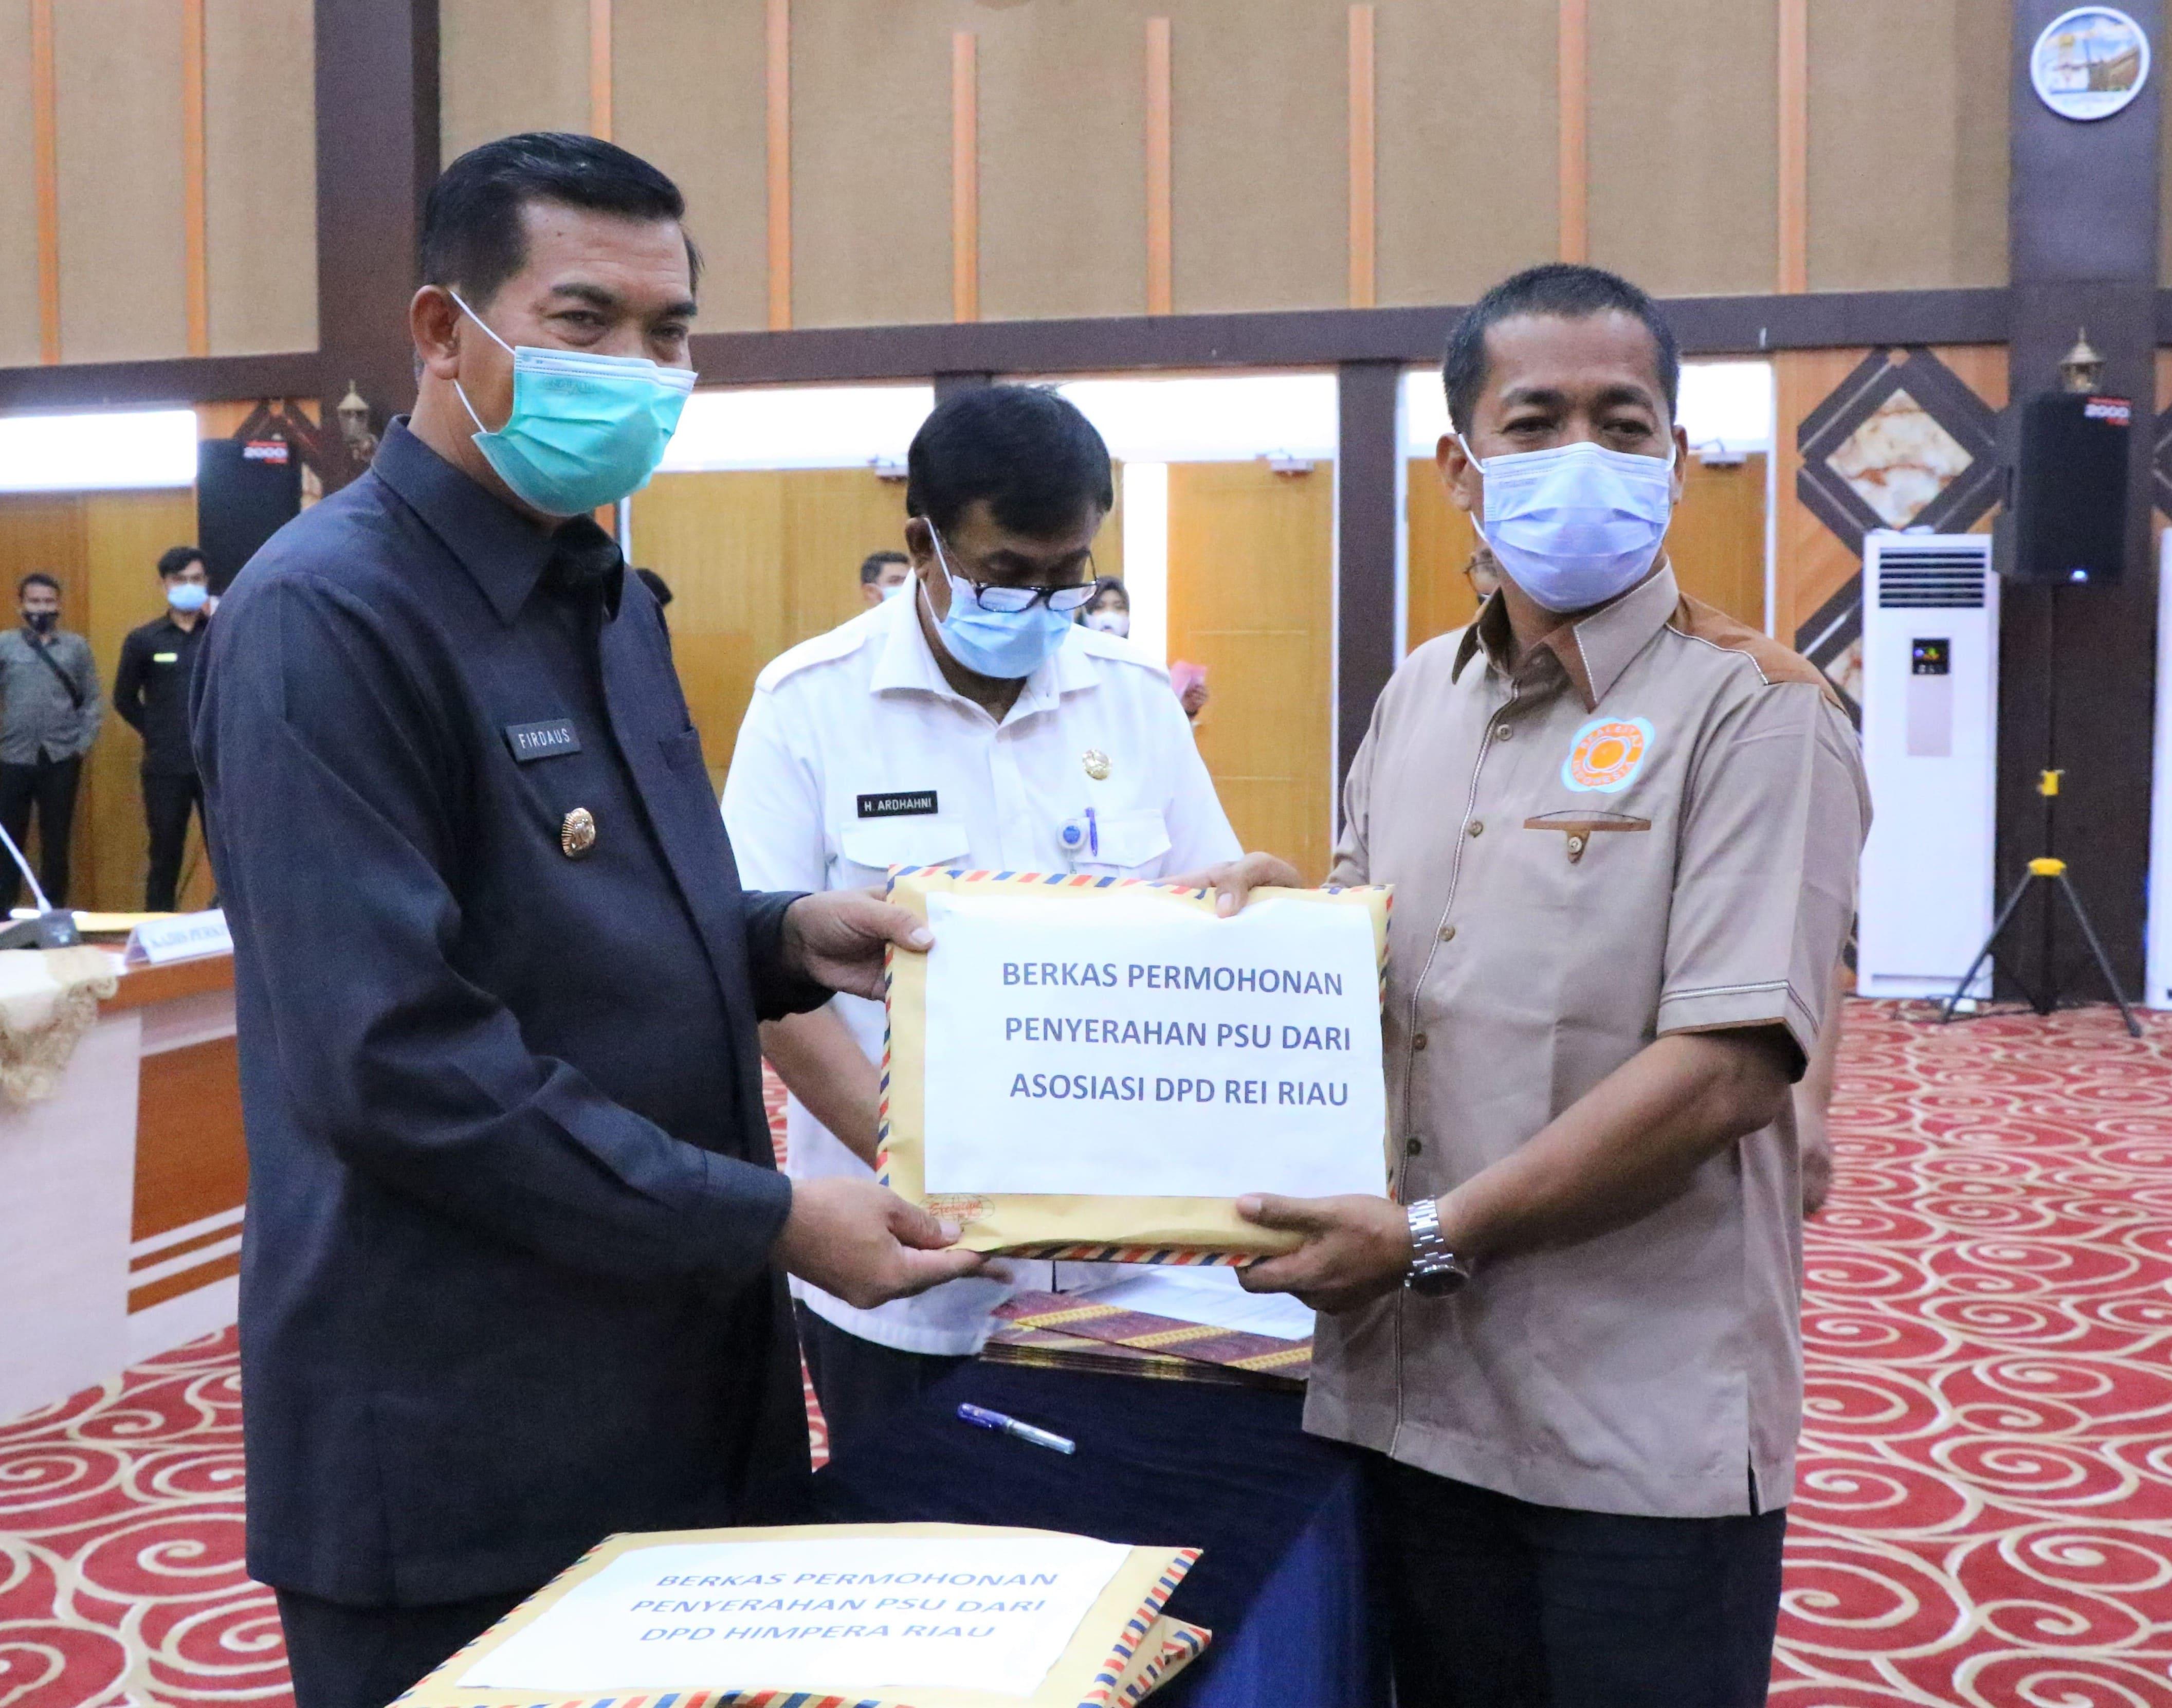 Wali kota Pekanbaru Dr H Firdaus ST.MT Menerima Penyerahan Berkas PSU Perumahan